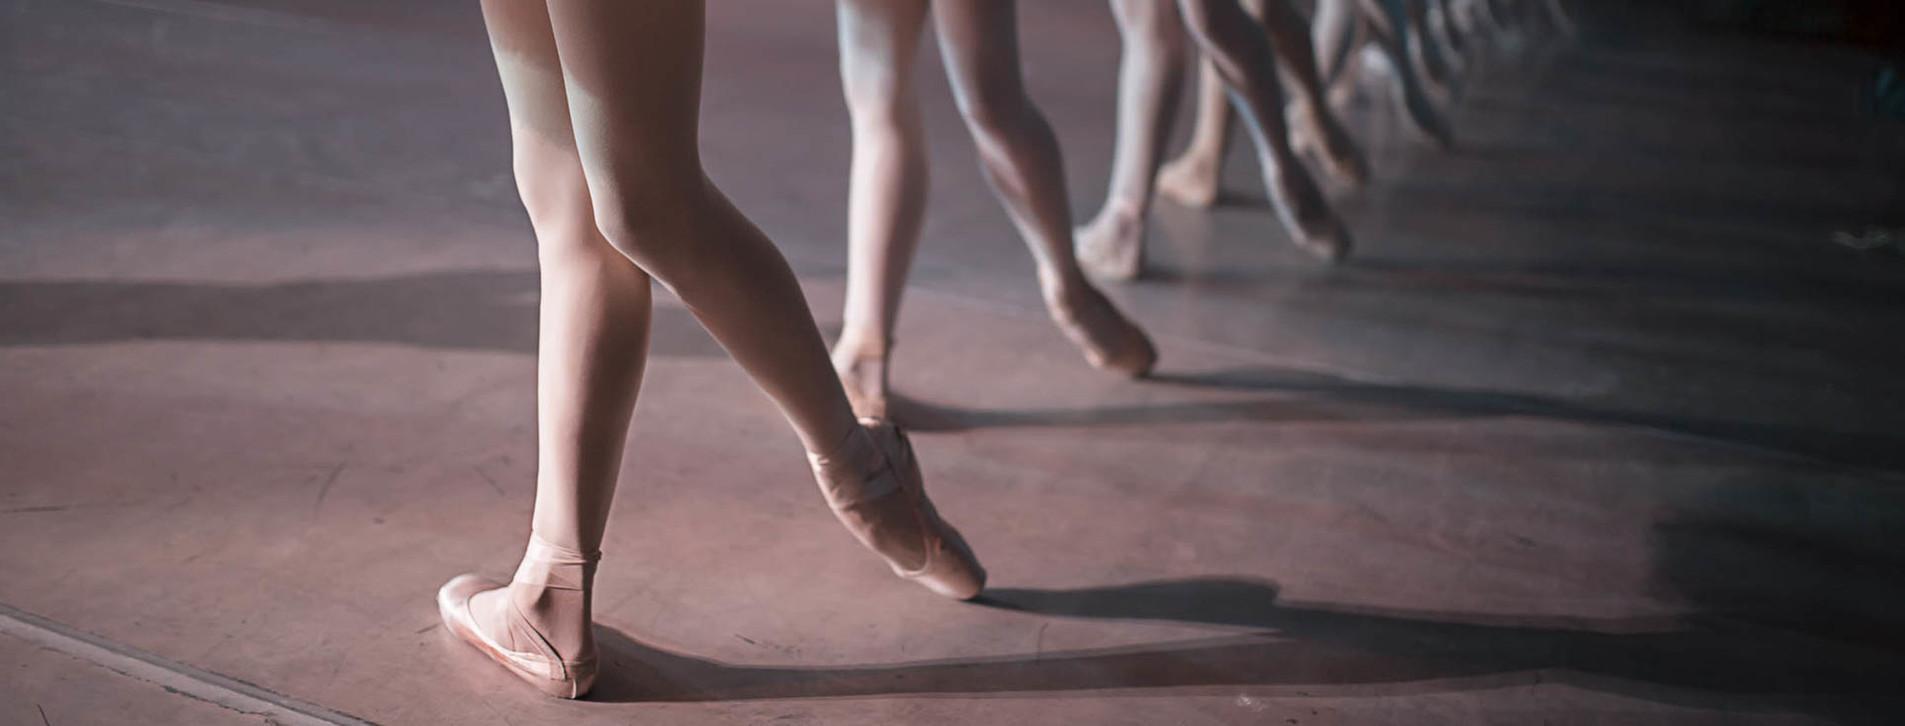 Фото 1 - Мастер-класс балета